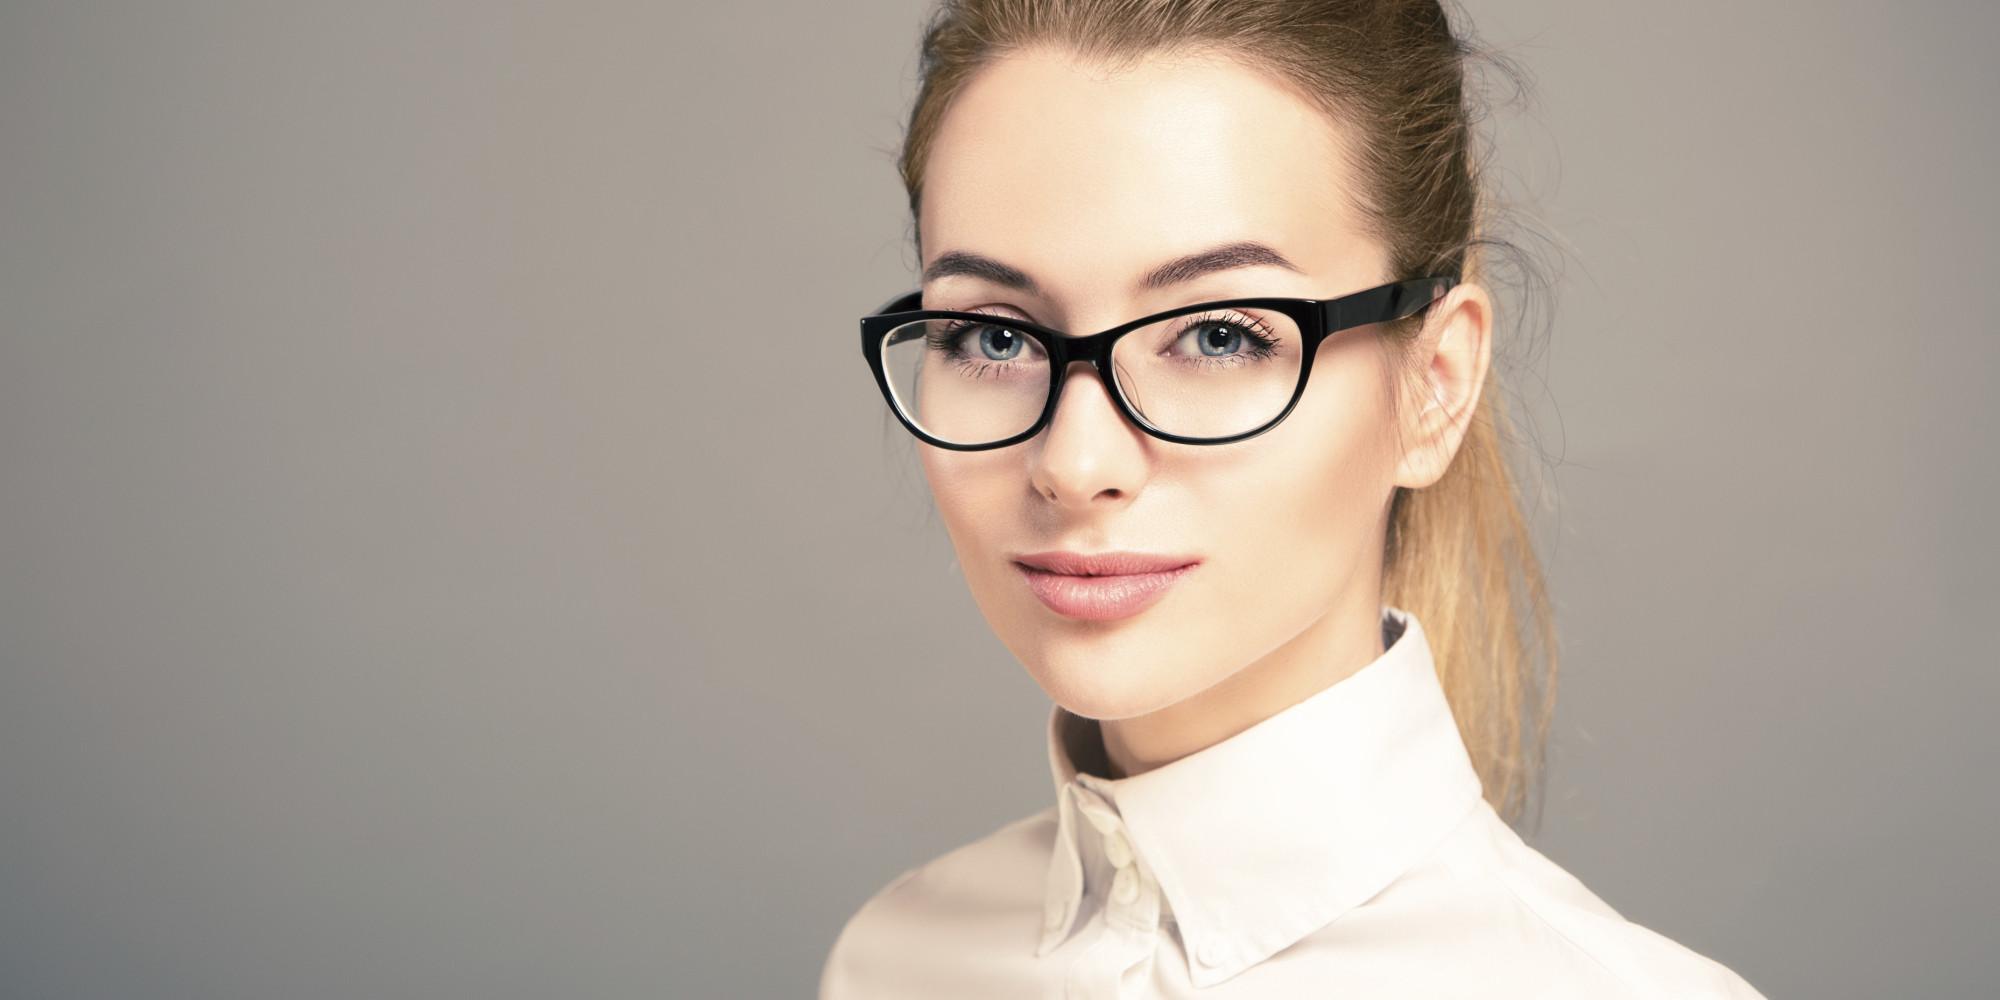 Женщина в очках 3 фотография